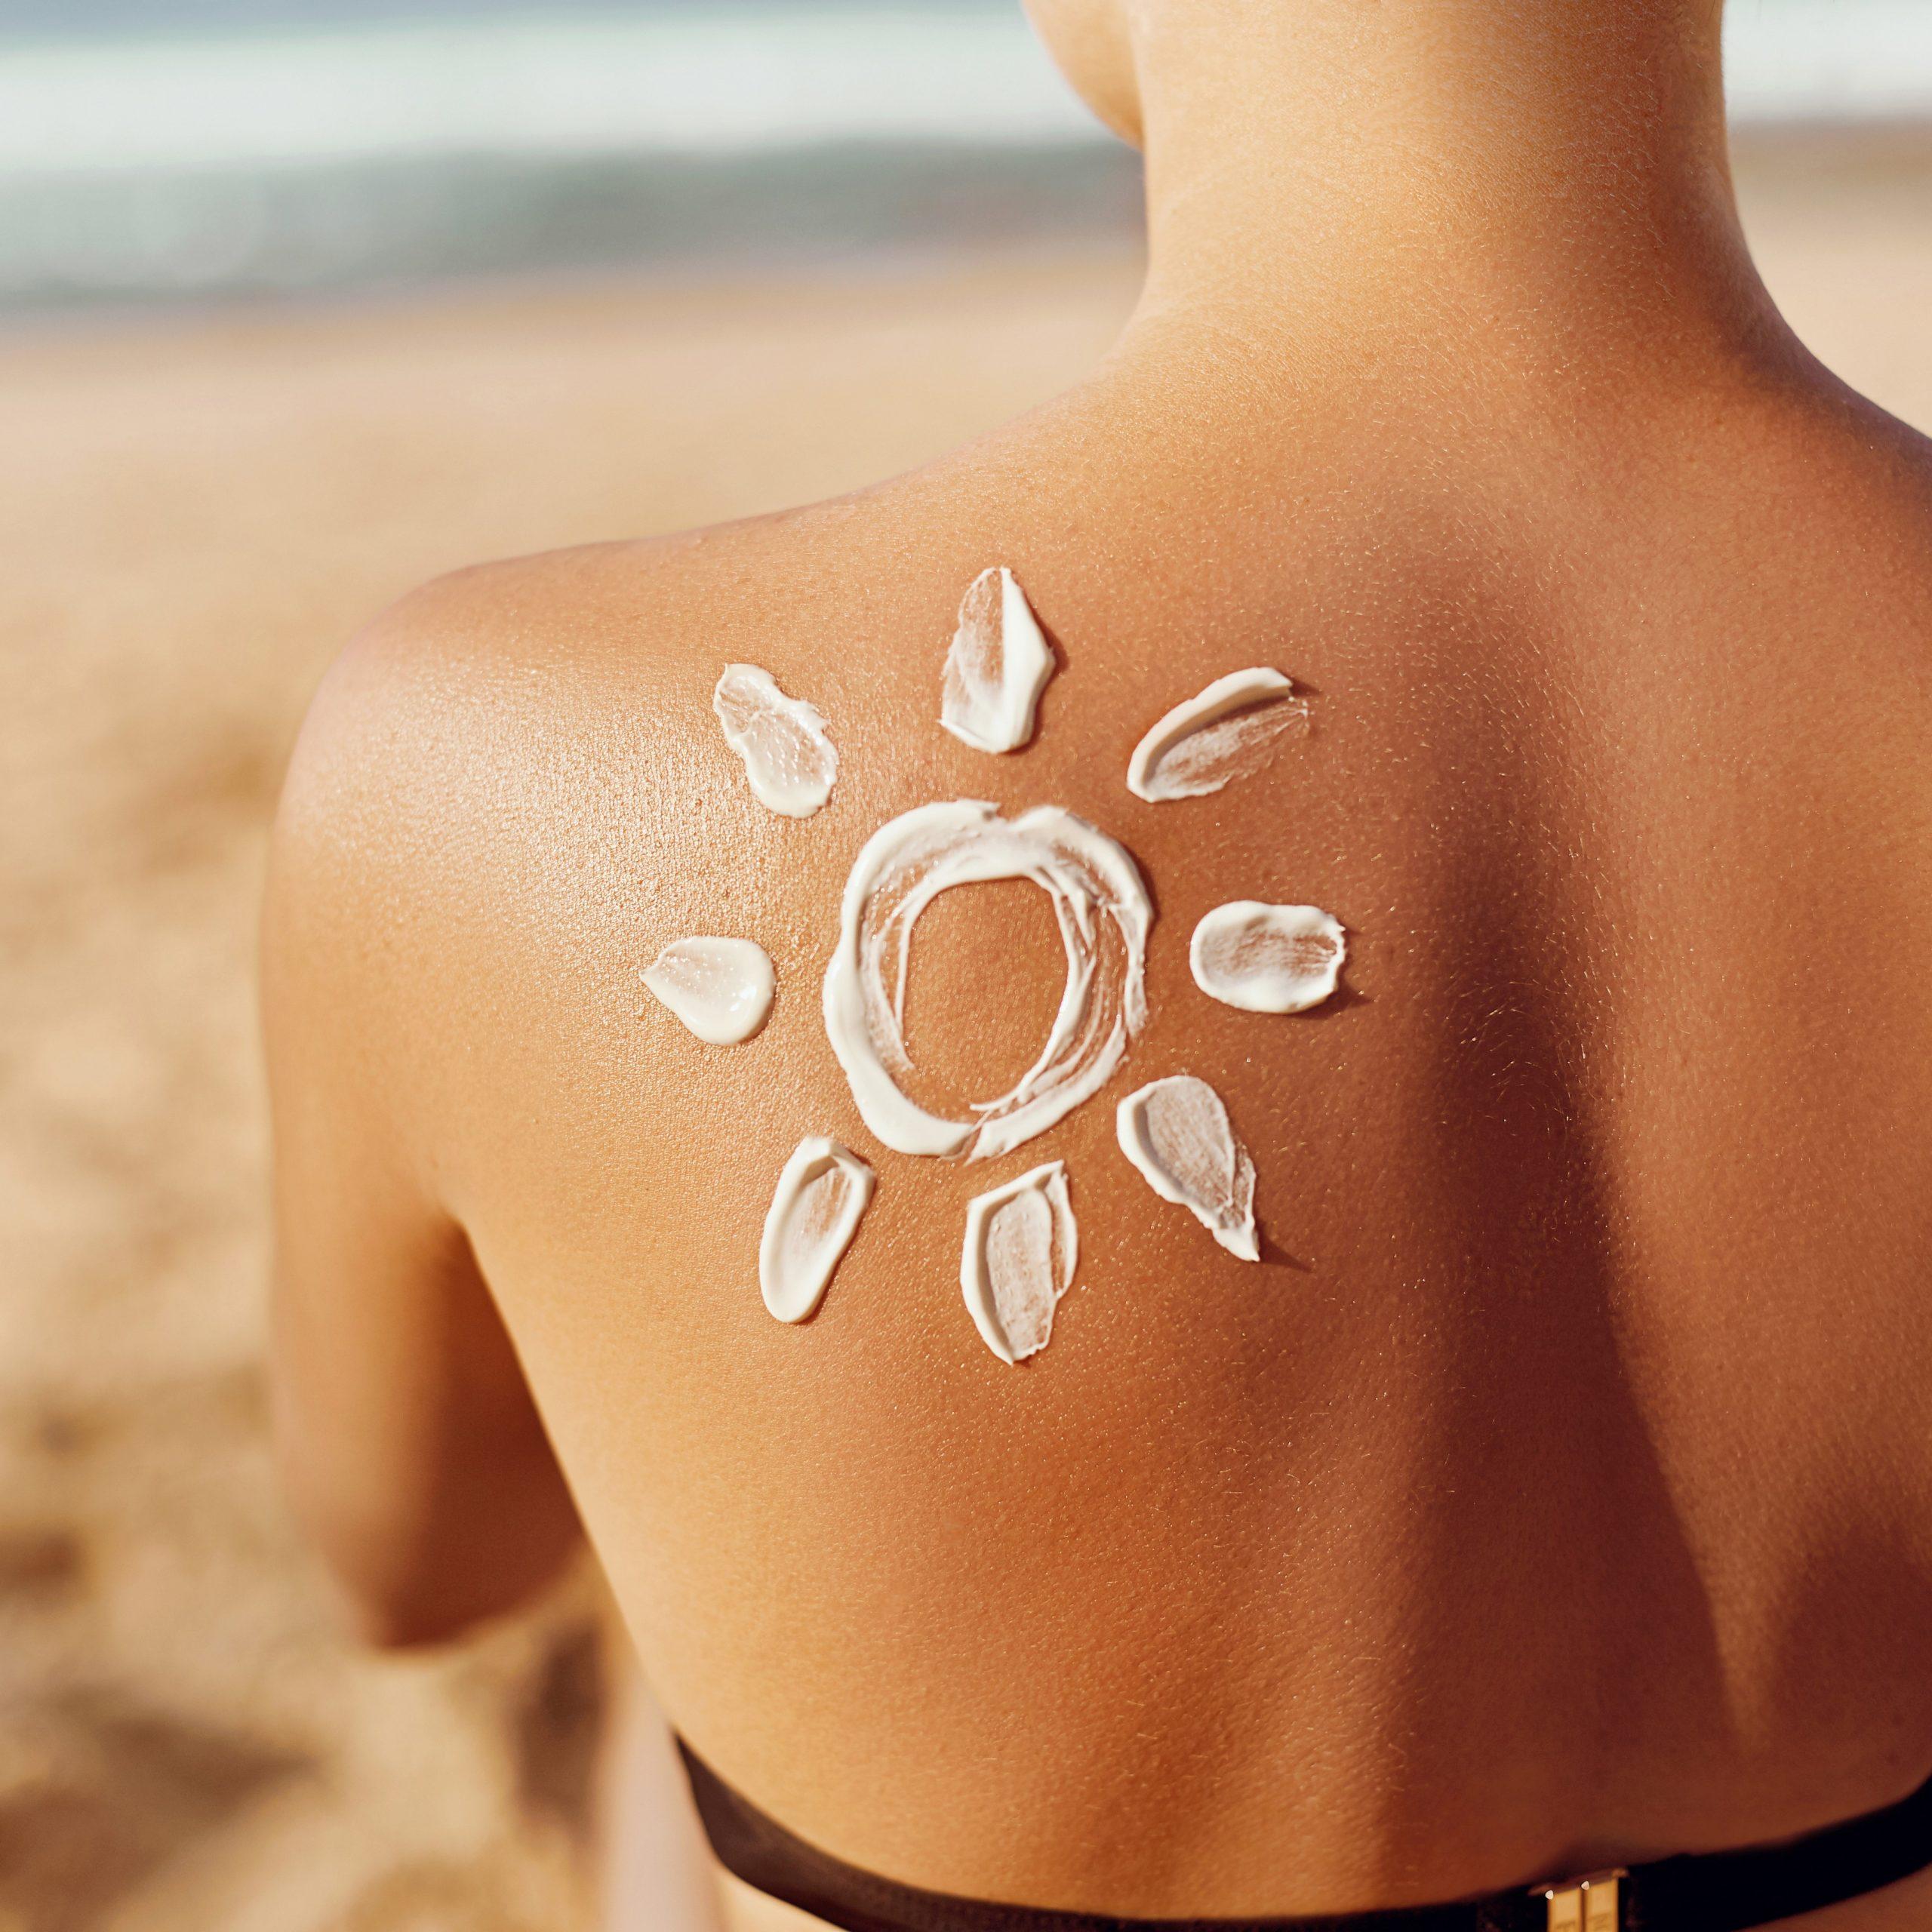 Die Haut sollteim Sommer immer vor den UV-Strahlen geschützt werden